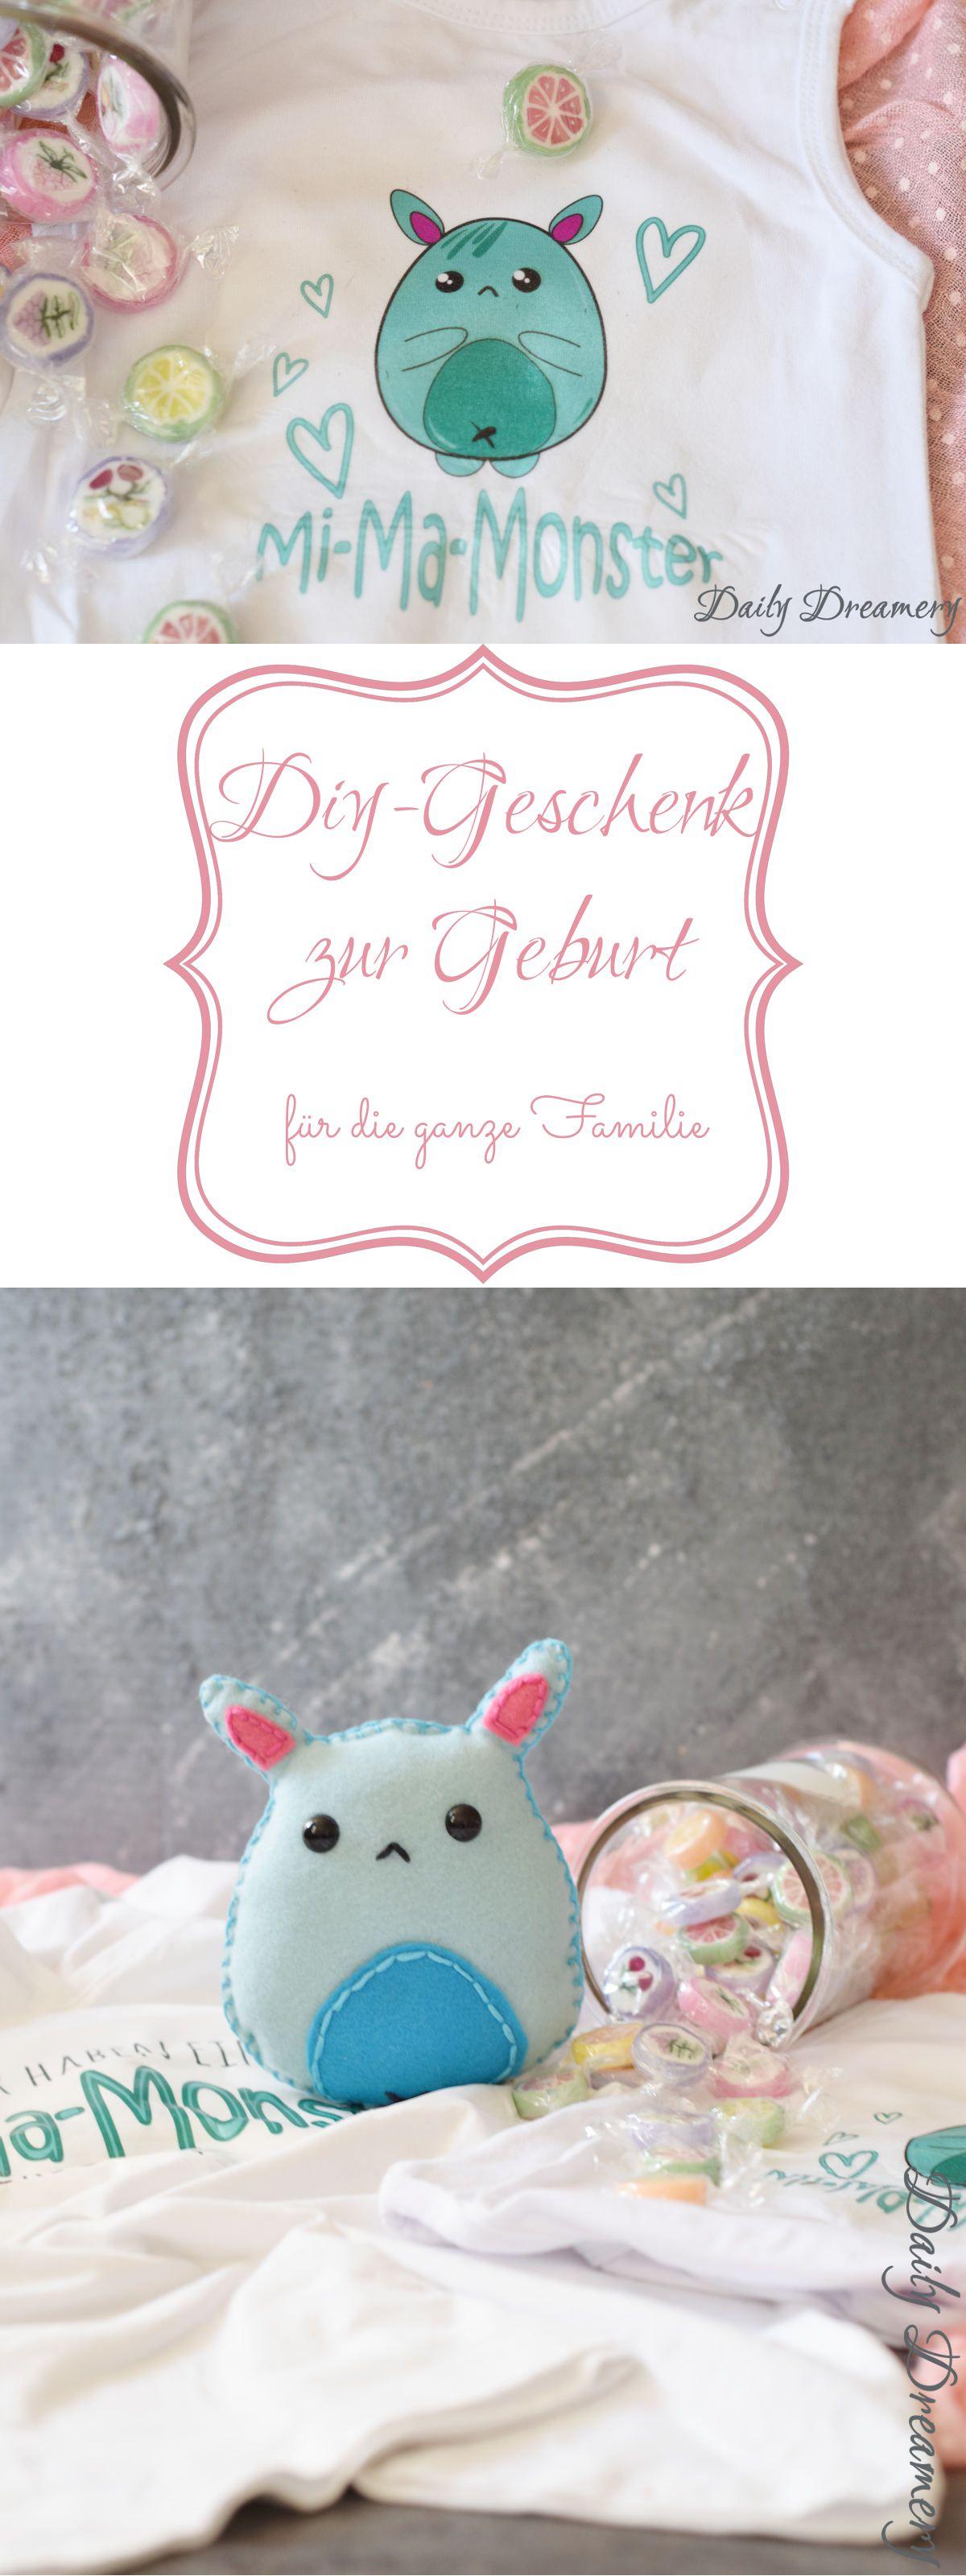 DIY-Geschenk zur Geburt: witziges Monsterchen für die ganze Familie - #diy #diygeschenk #geburtsgeschenk #geschenkzurgeburt #babygeschenk #baby #babybody #filzkuscheltier